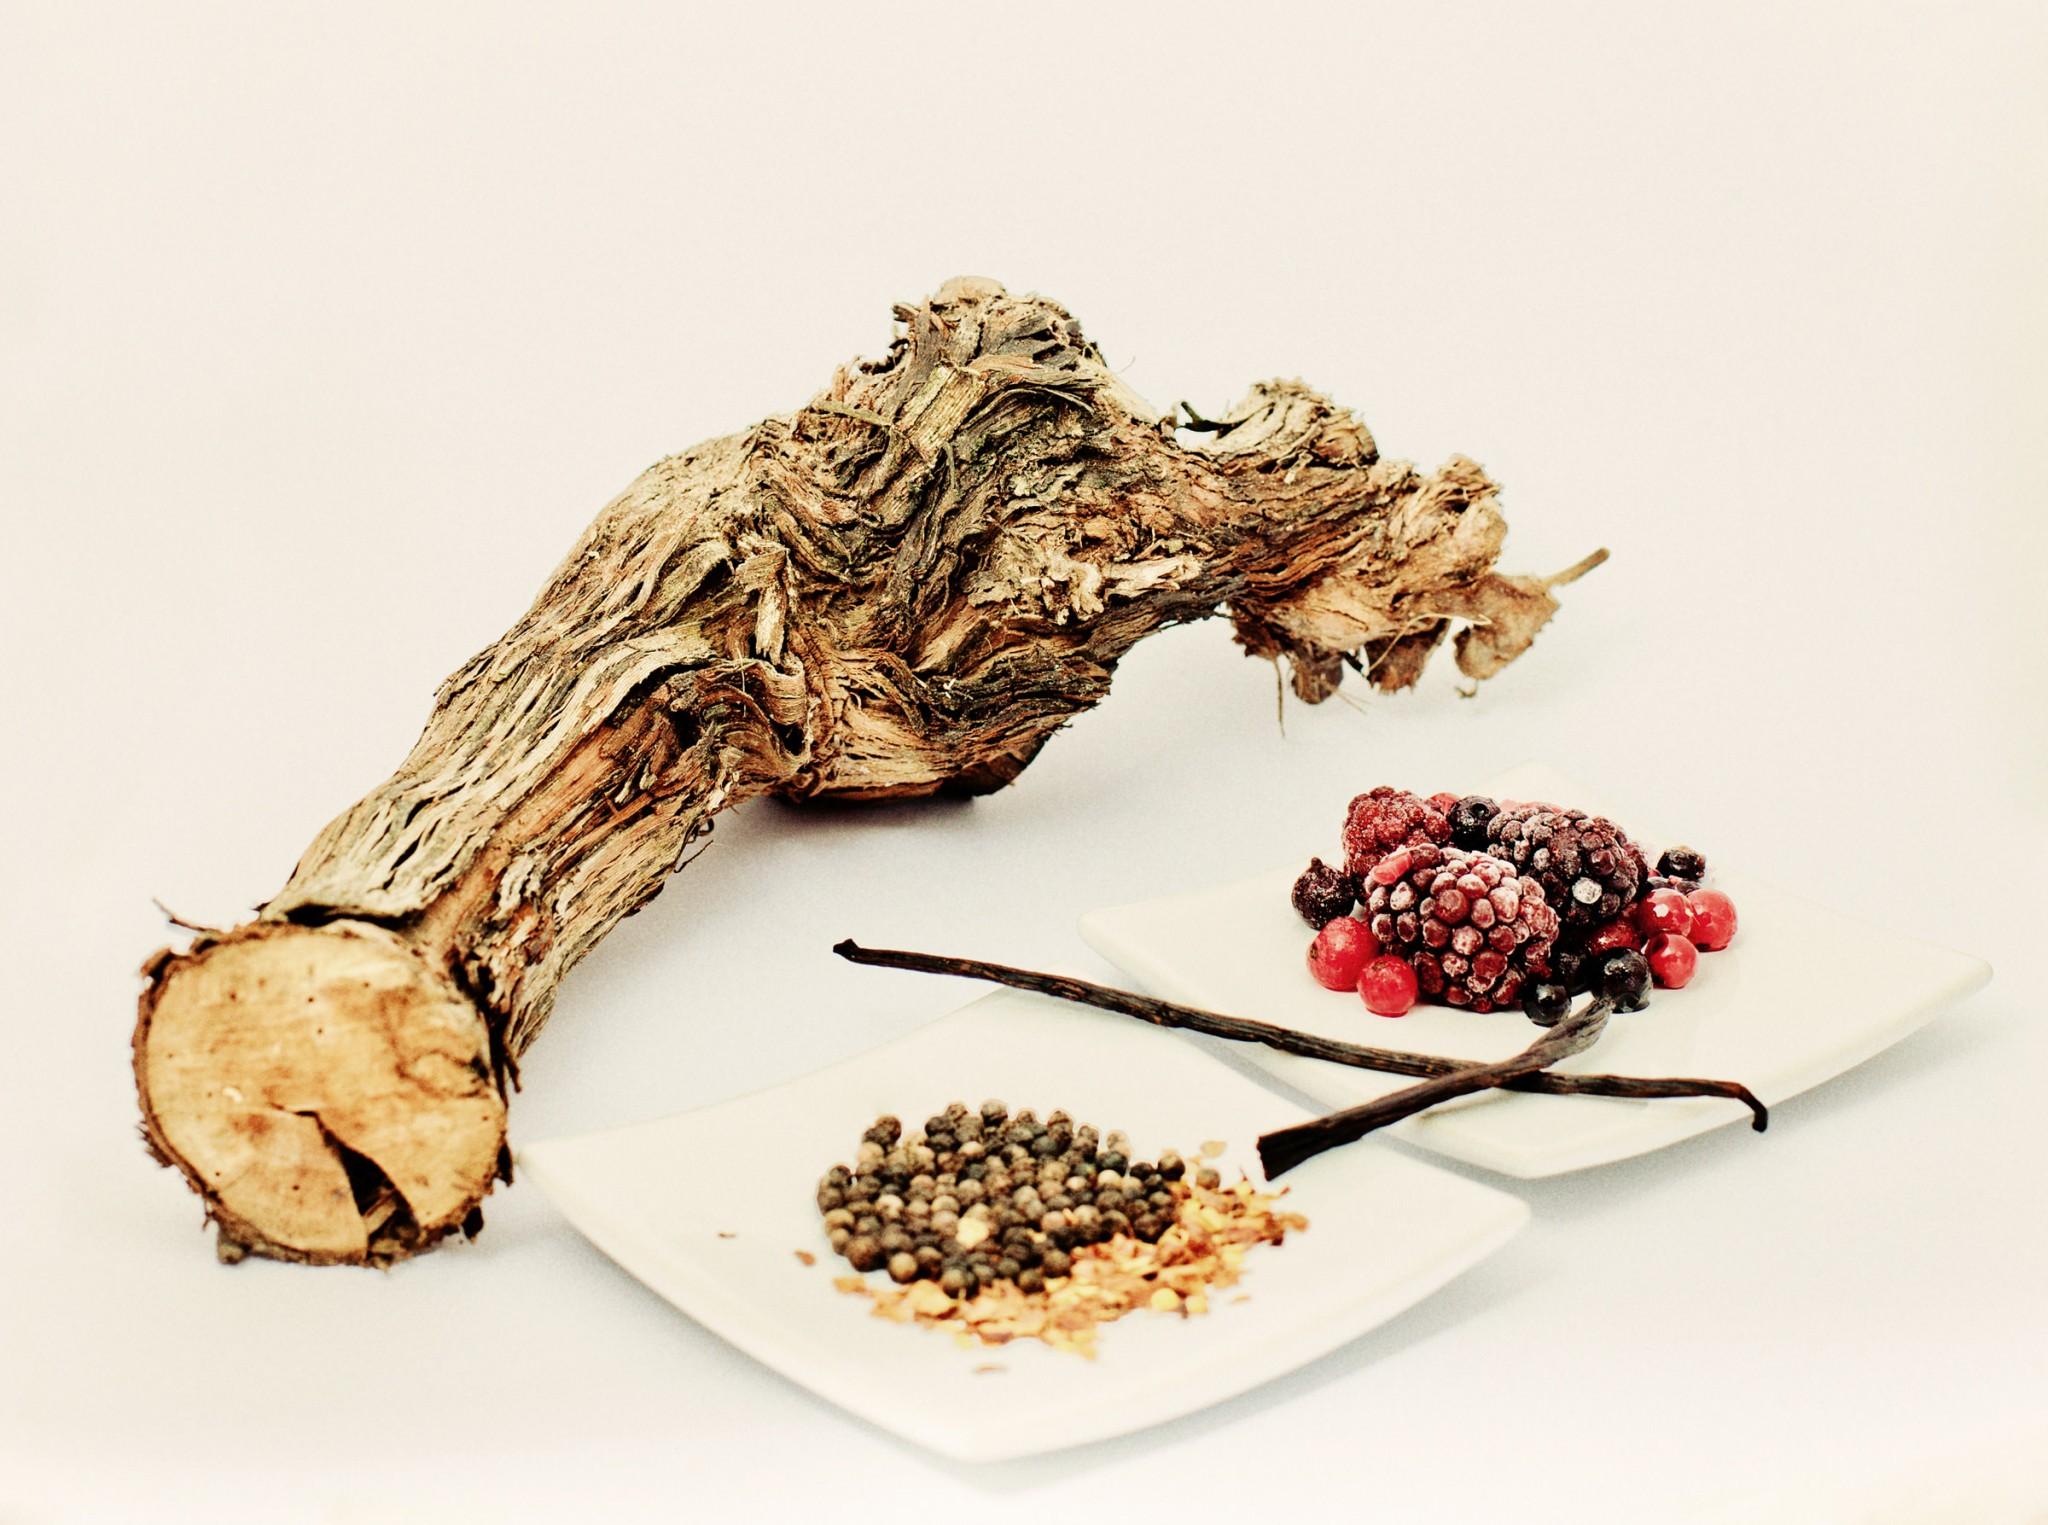 Geschmacksrichtung Holz, Beeren und Pfeffer